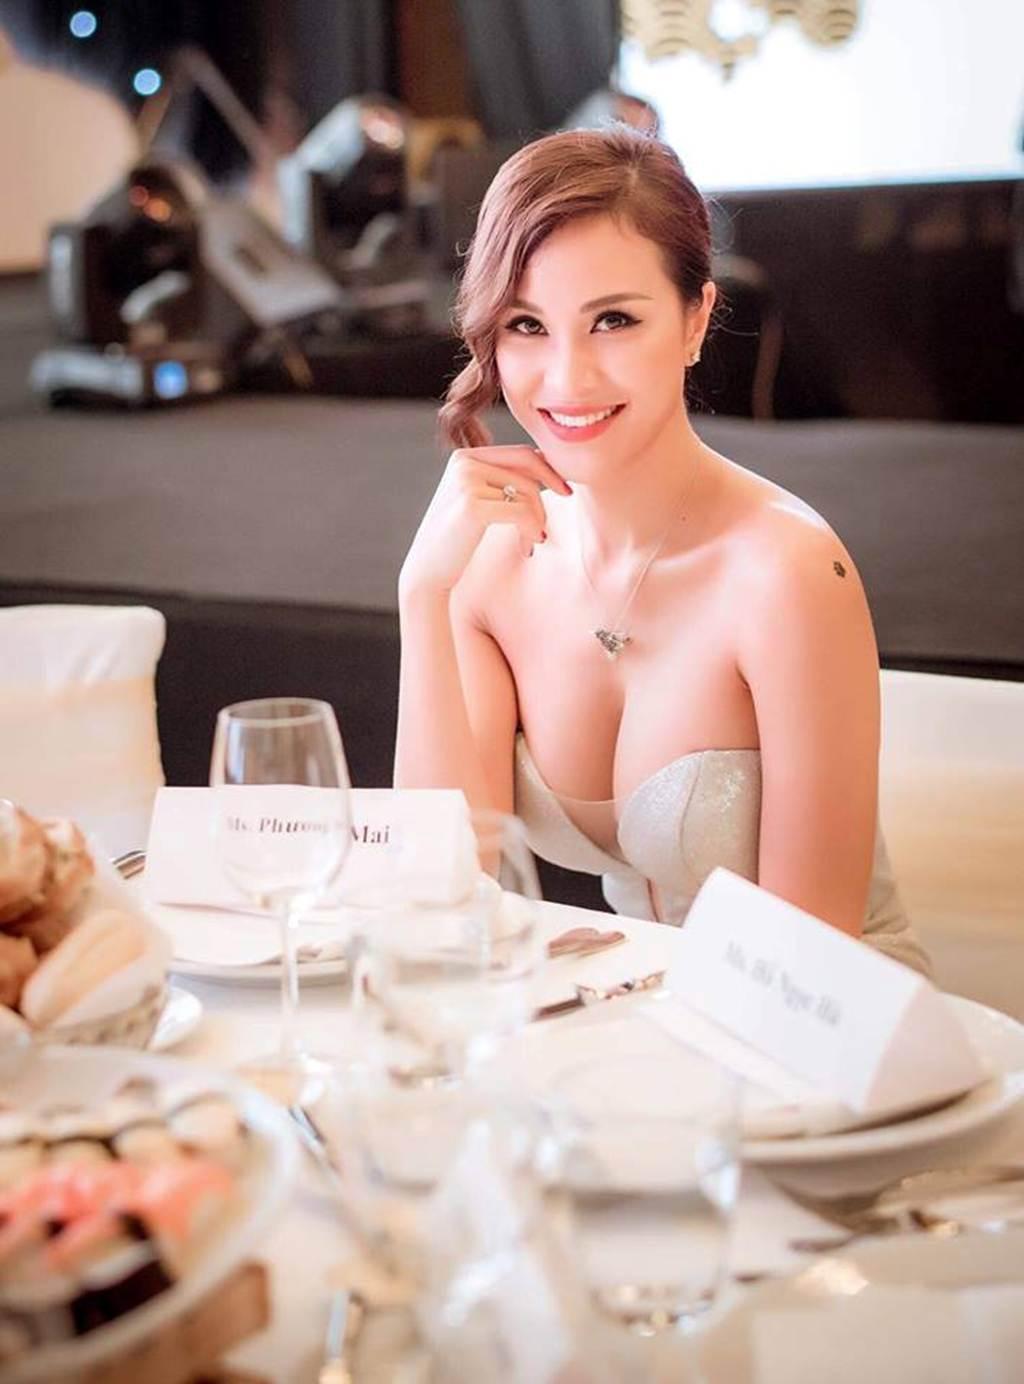 Bỏng mắt vì MC Phương Mai dáng chuẩn như vẽ sắp lấy chồng Tây điển trai-9